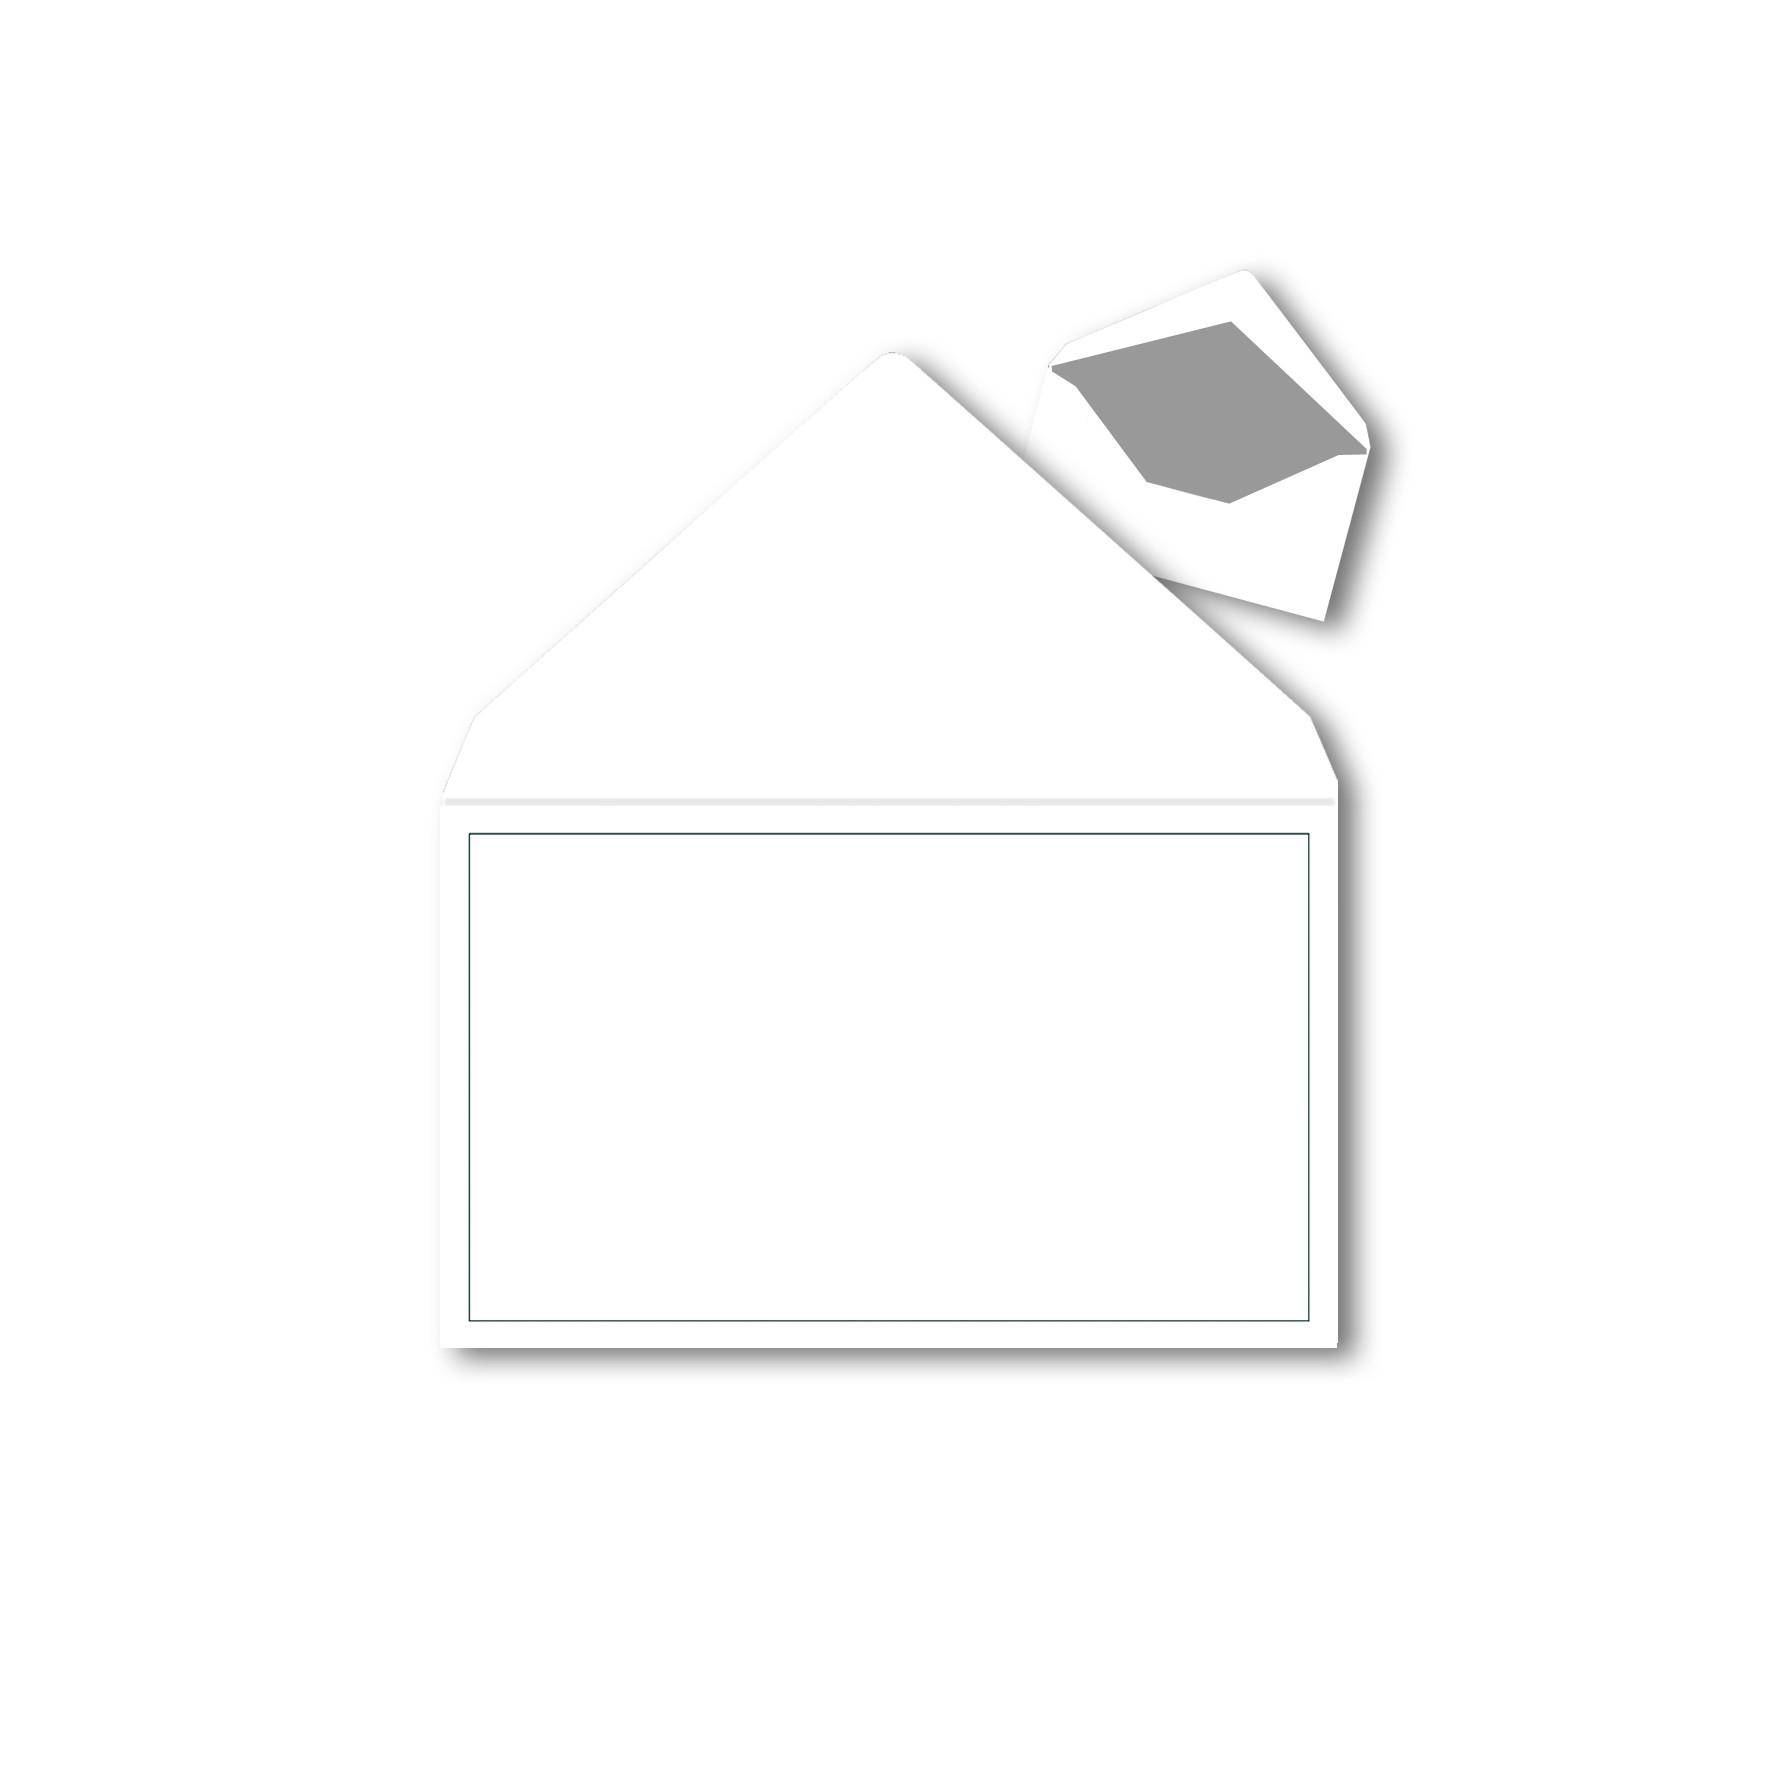 1 Trauerumschlag 120 x 191 mm Polar Weiß mit Grauen Rahmen für ...